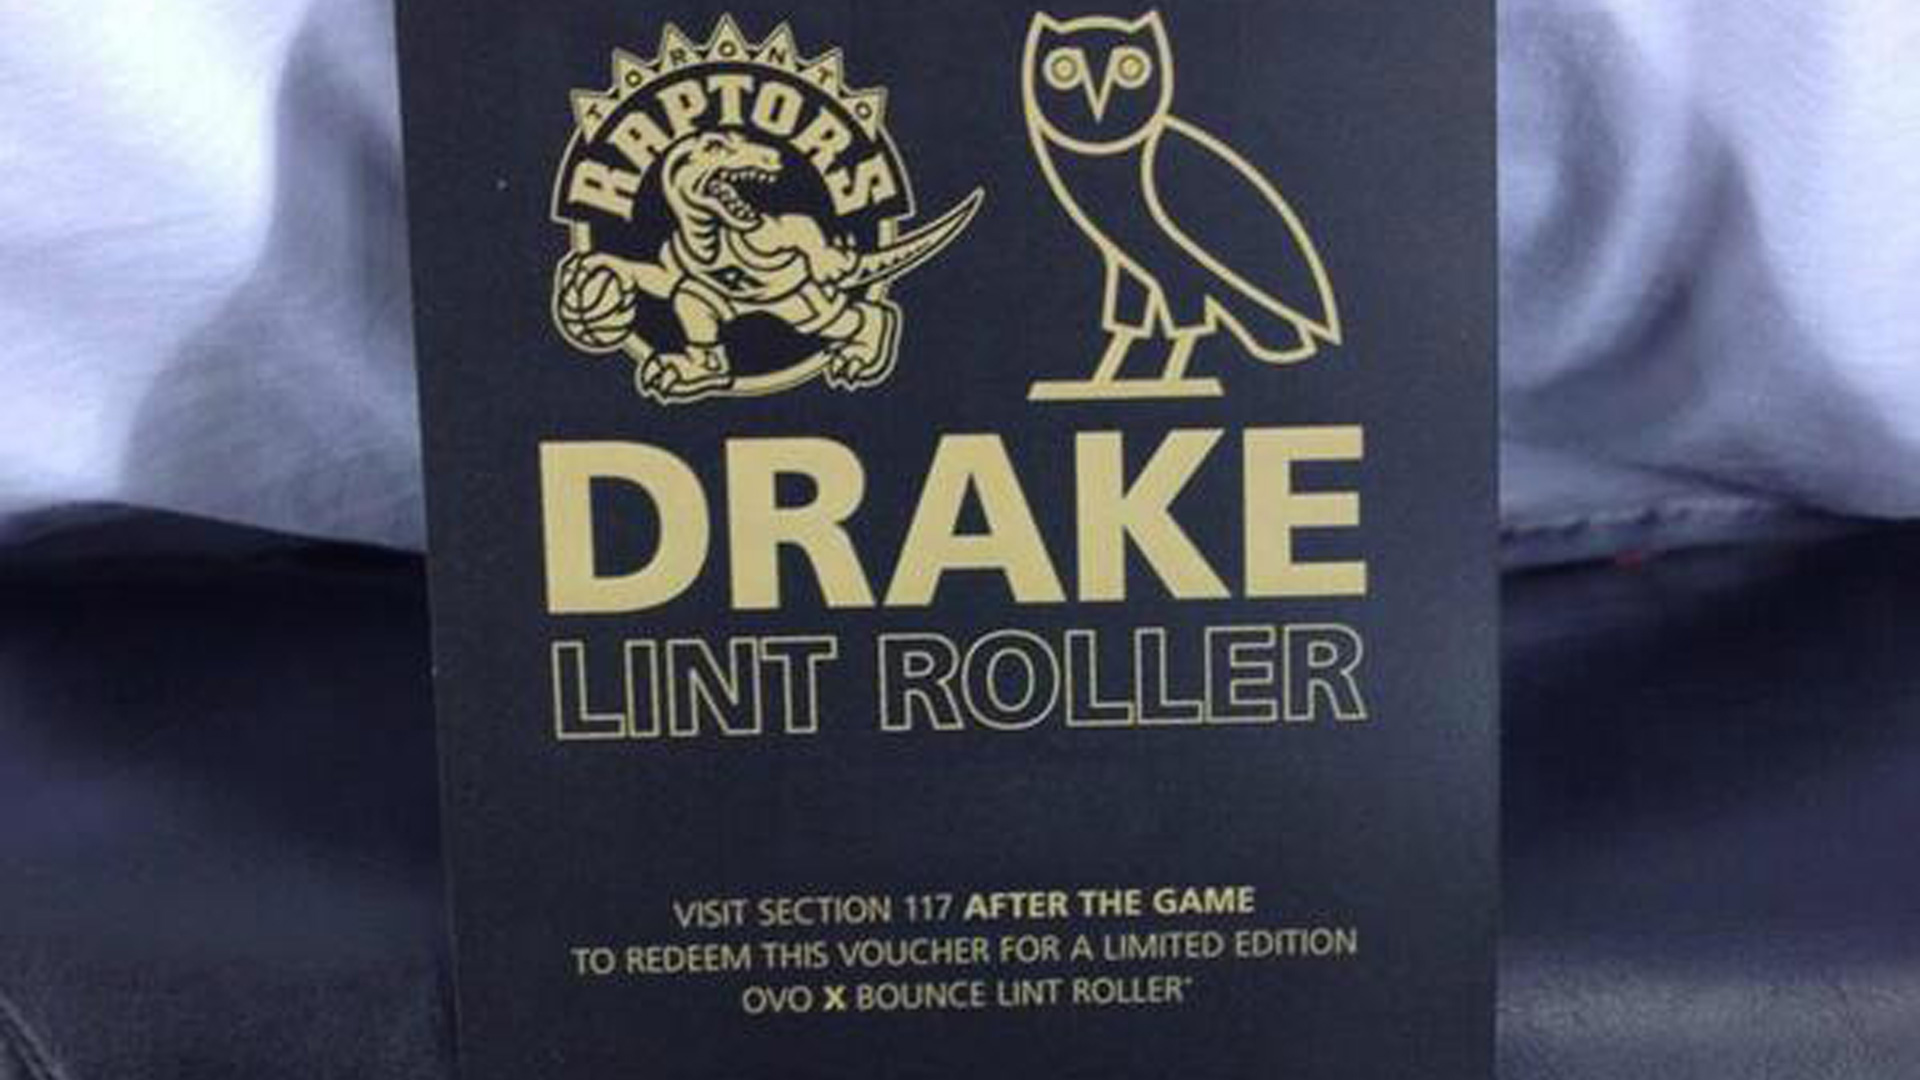 drake-lint-roller-043014-twitter-ftr